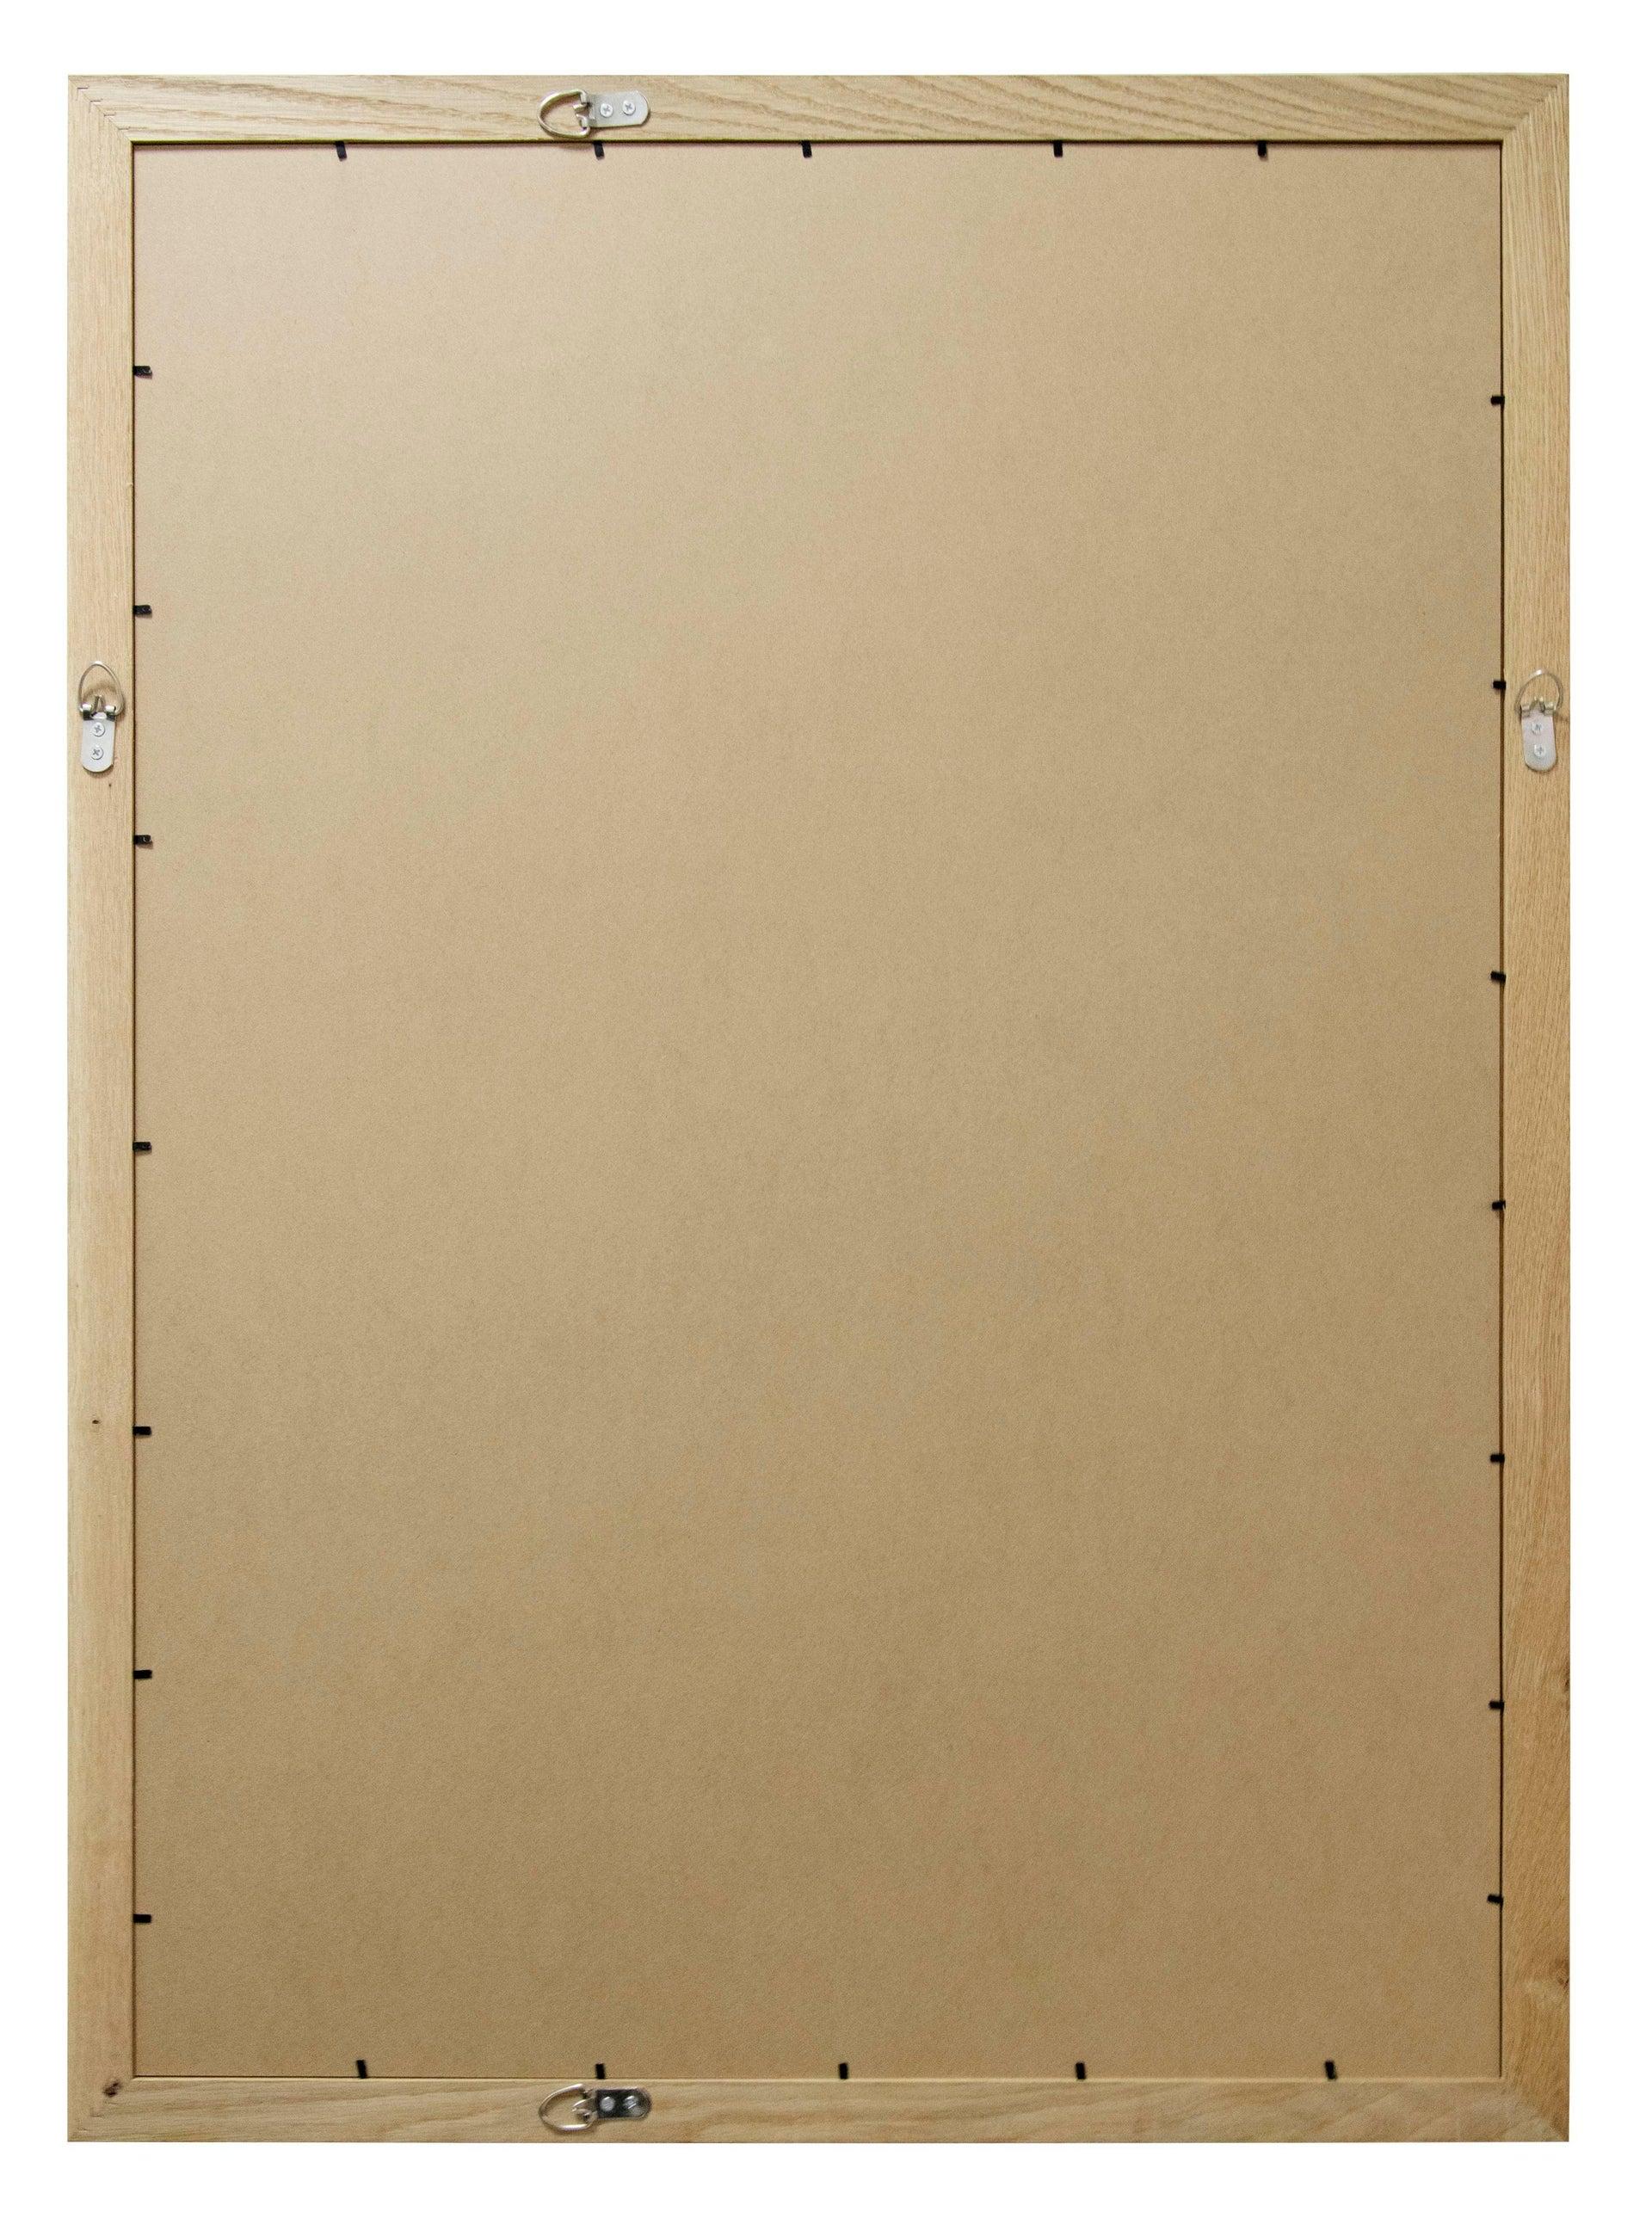 Cornice con passe-partout Inspire nakato rovere 70x100 cm - 2